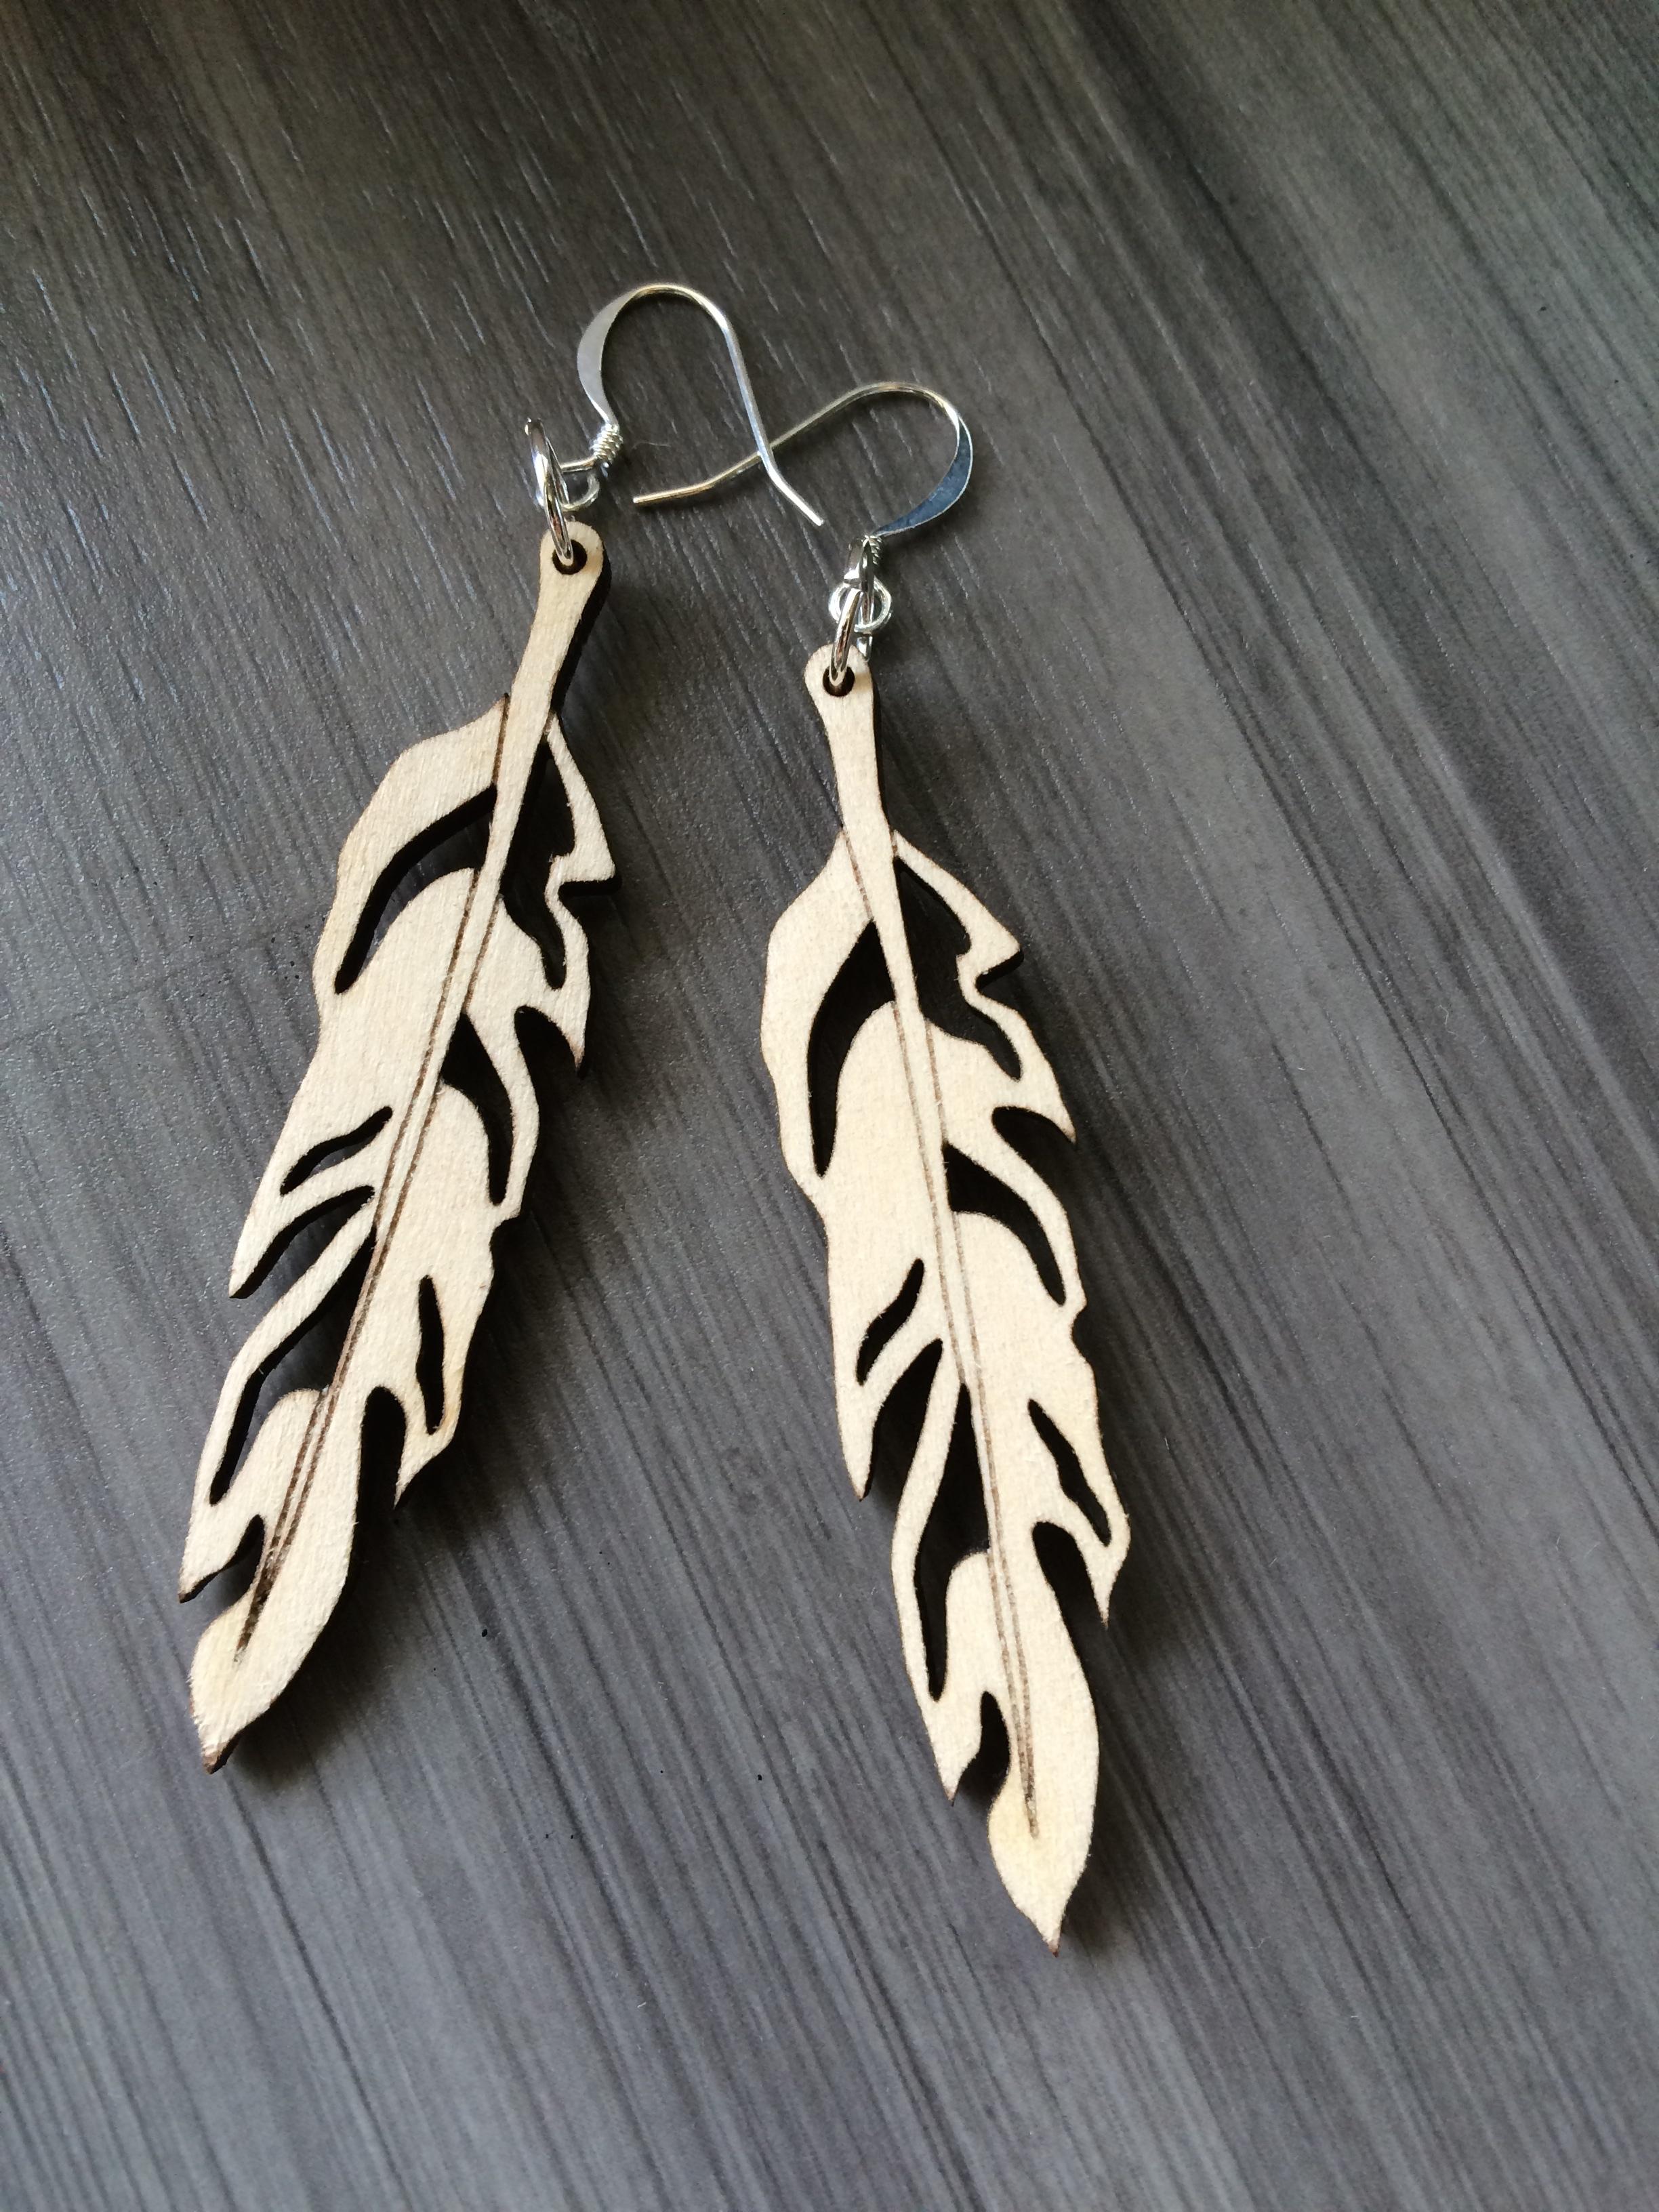 Wood Jewelry Fan Dangle Statement Earrings Laser Cut Birch Nickel Free